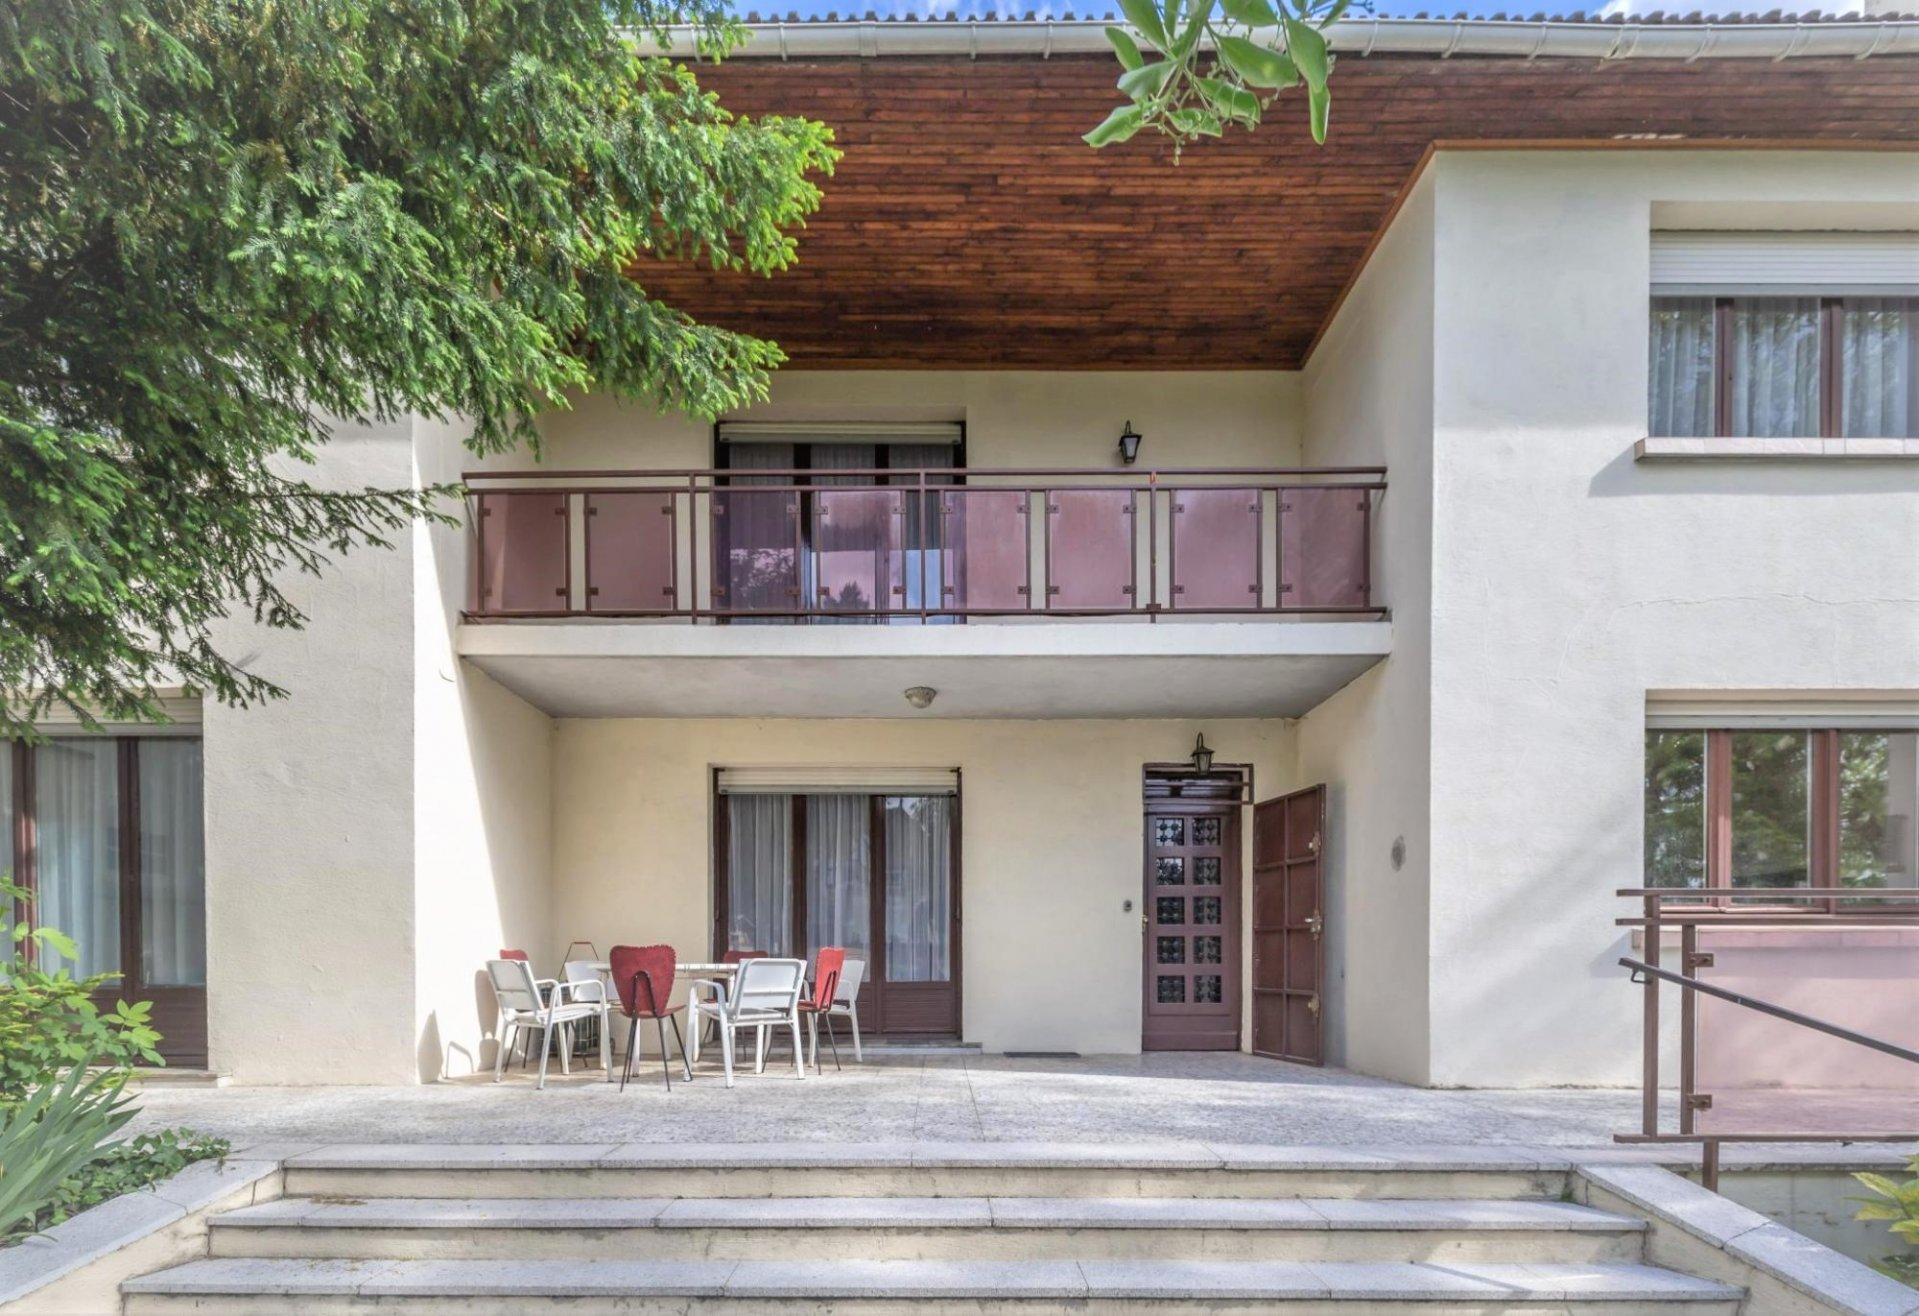 MAISON FAMILIALE  de 200 m² + combles de 100 m² sur terrain de 830 m²